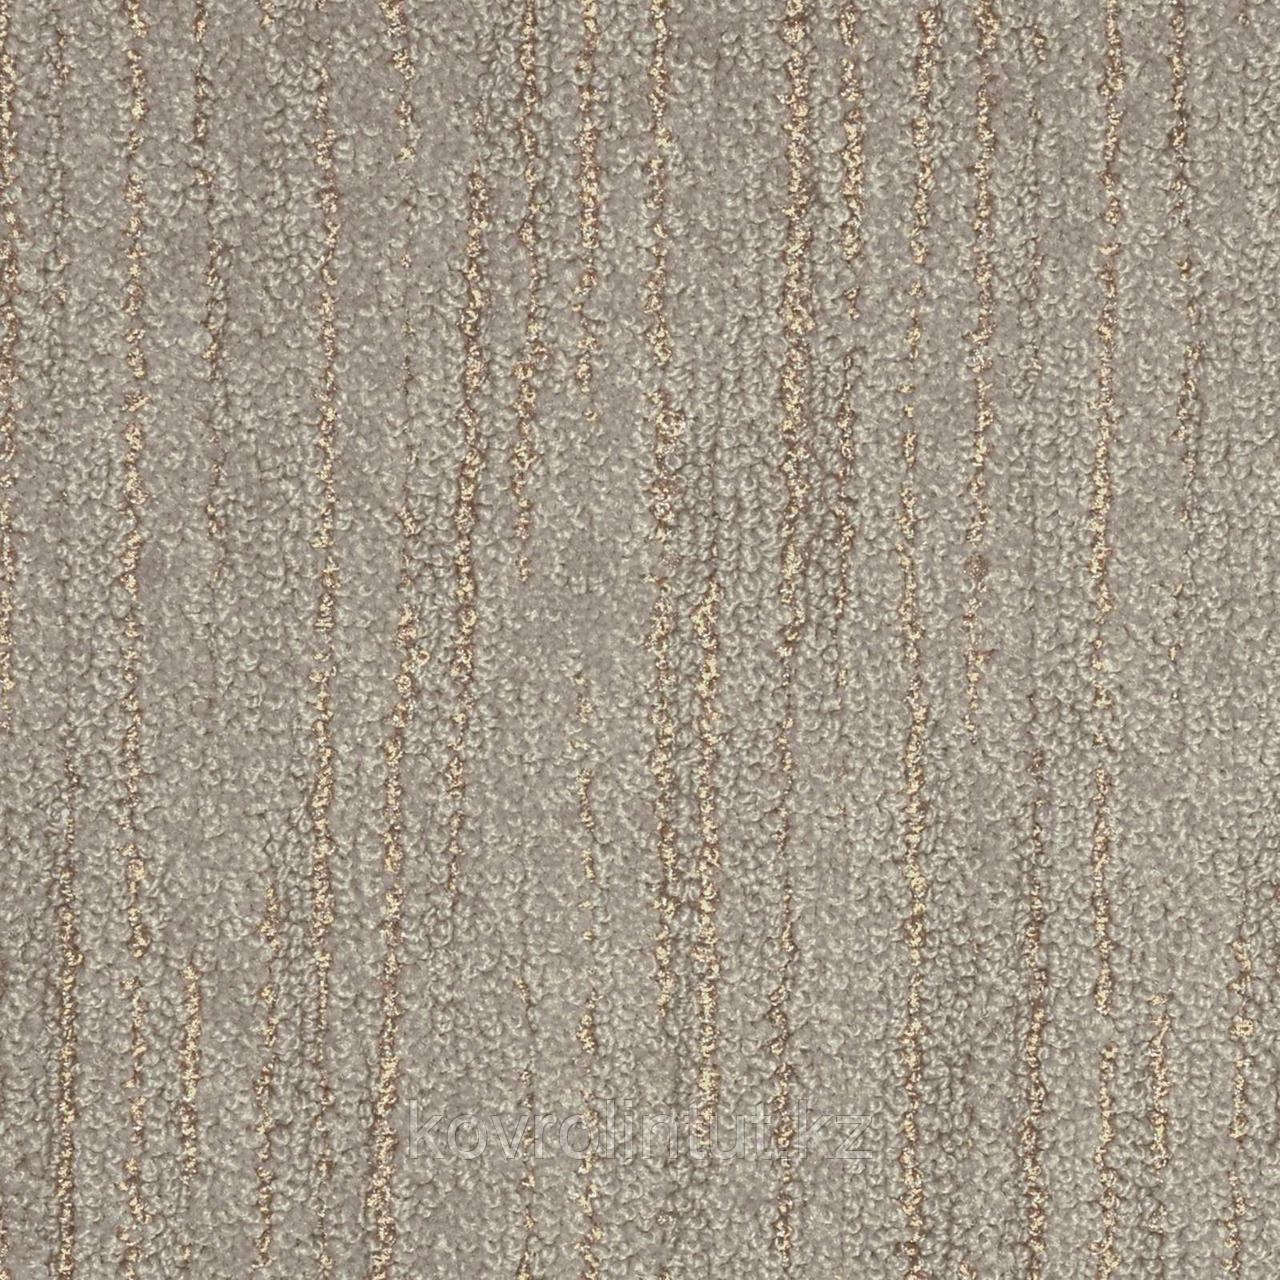 Ковровое покрытие ITC SPONTINI 38 светло-серый 4 м